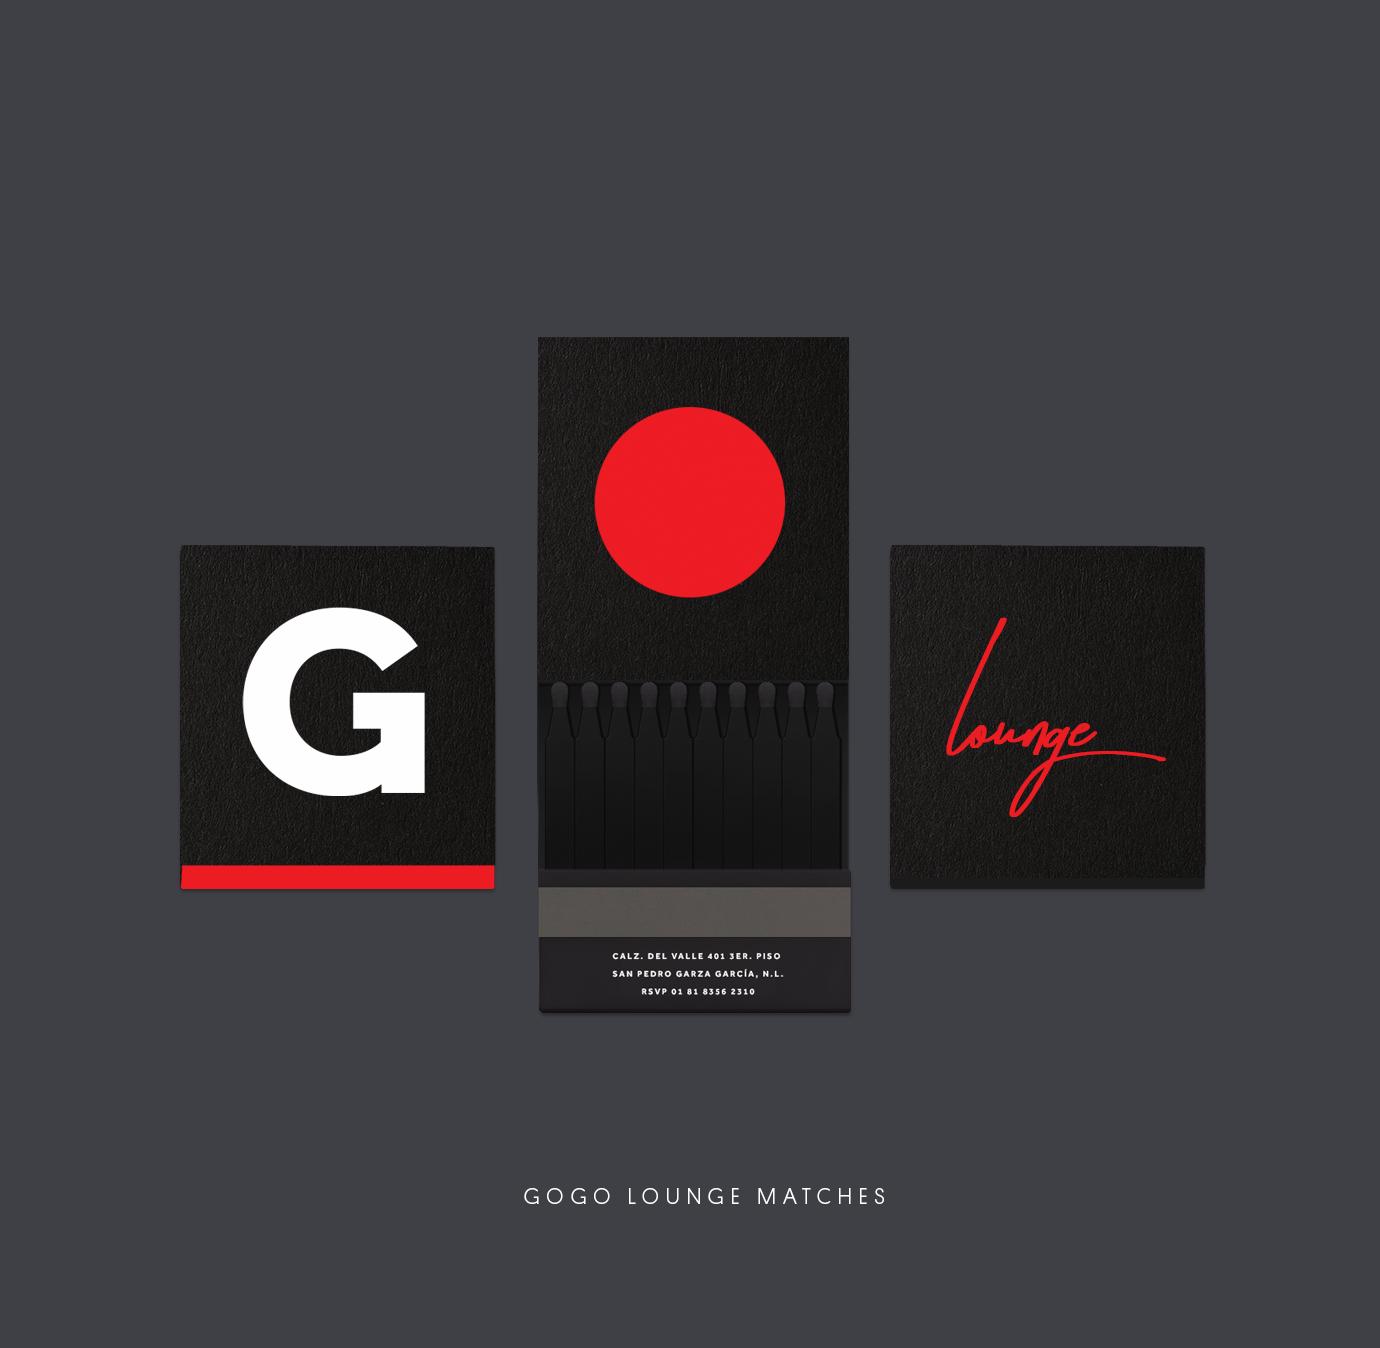 Matches_Gogo